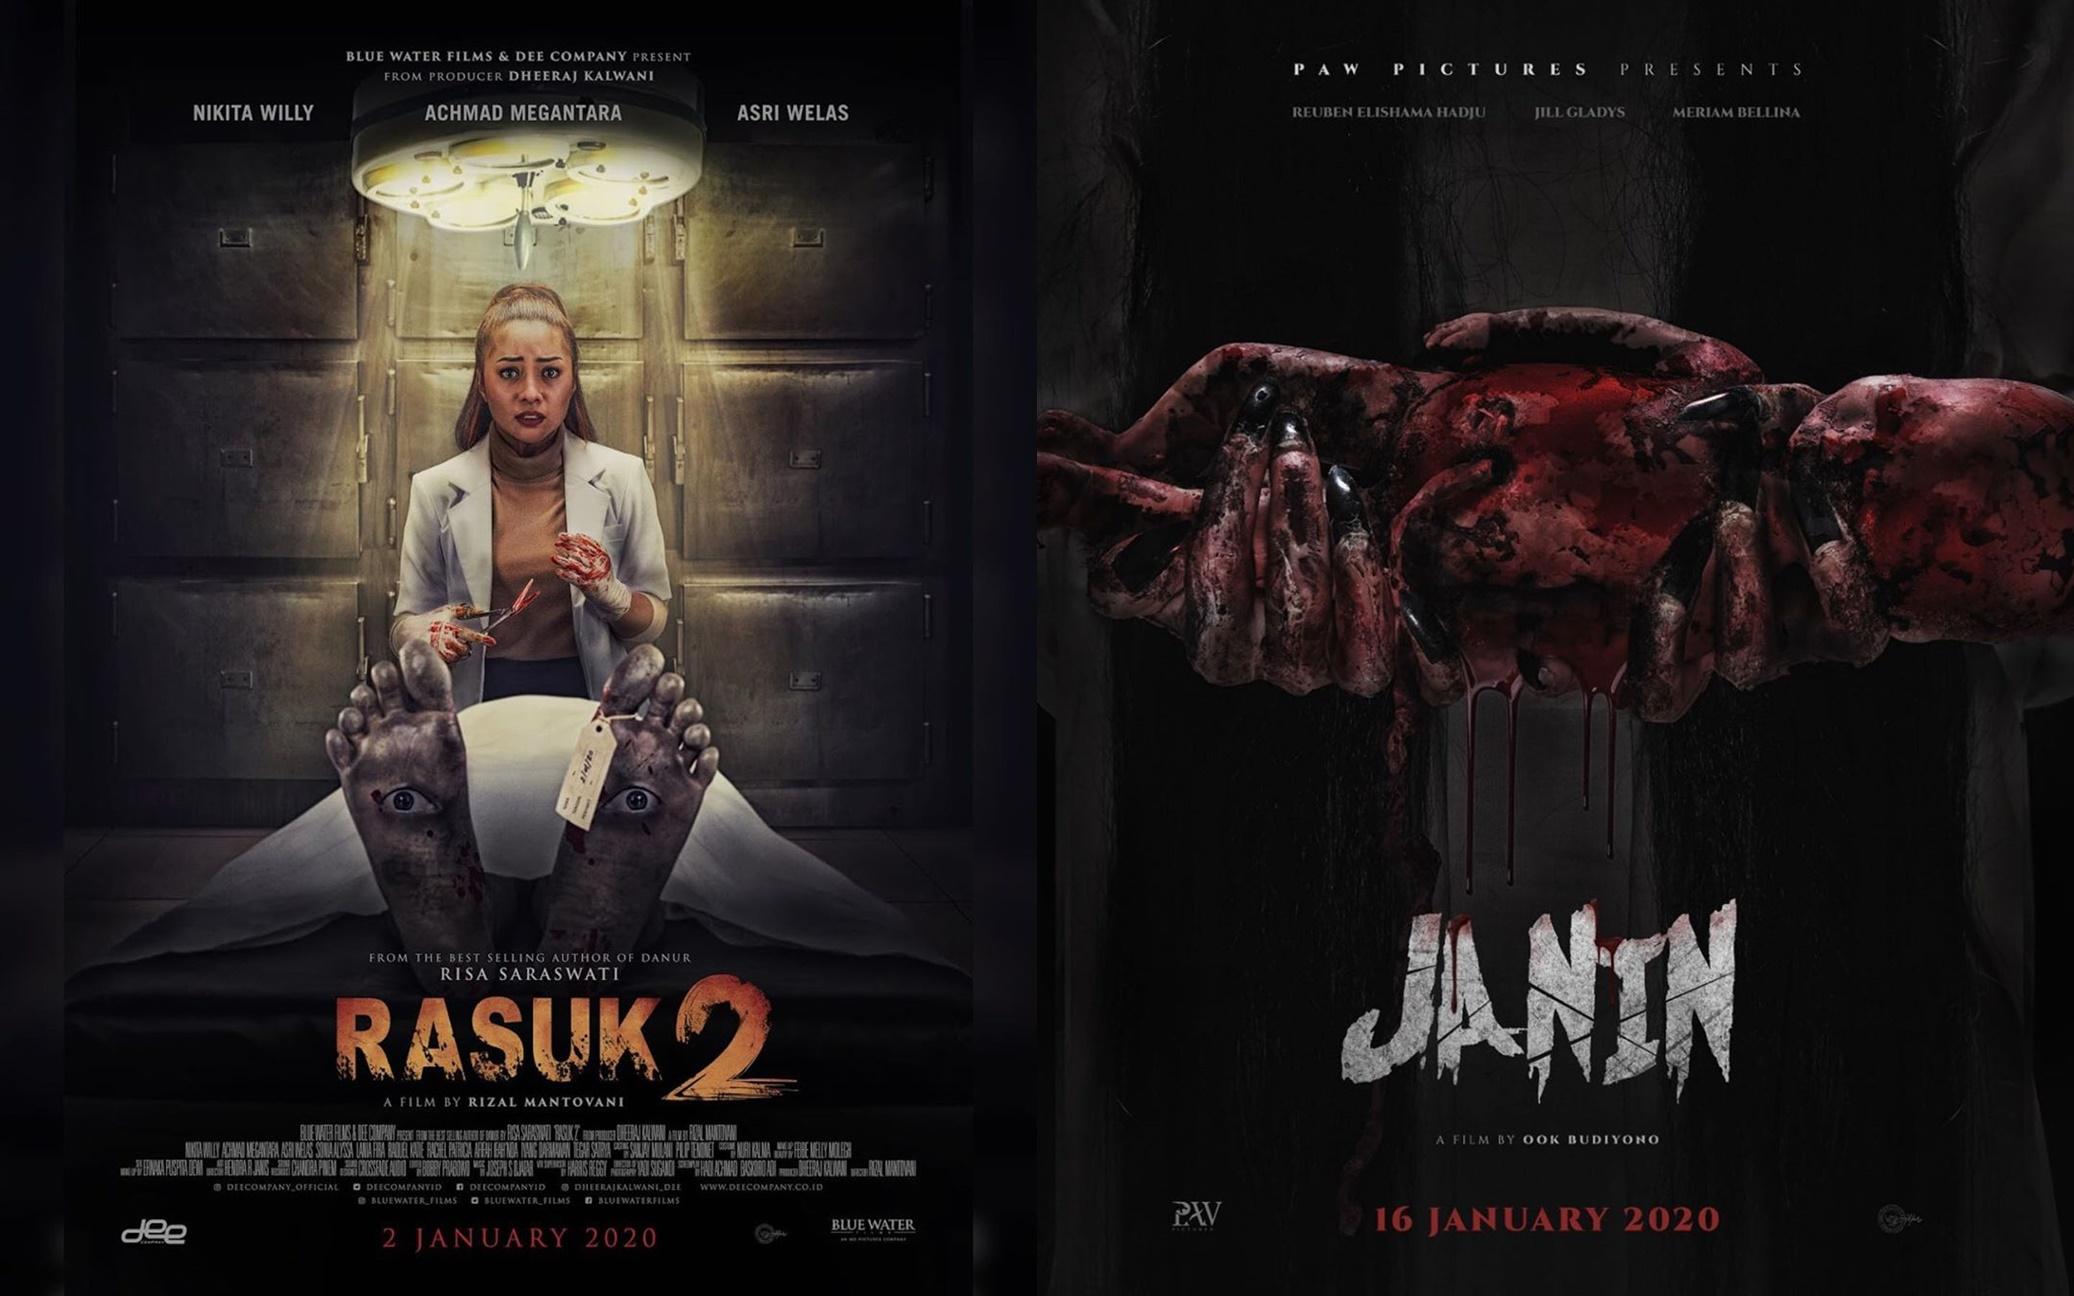 Film Bioskop 21 Terbaru 2020